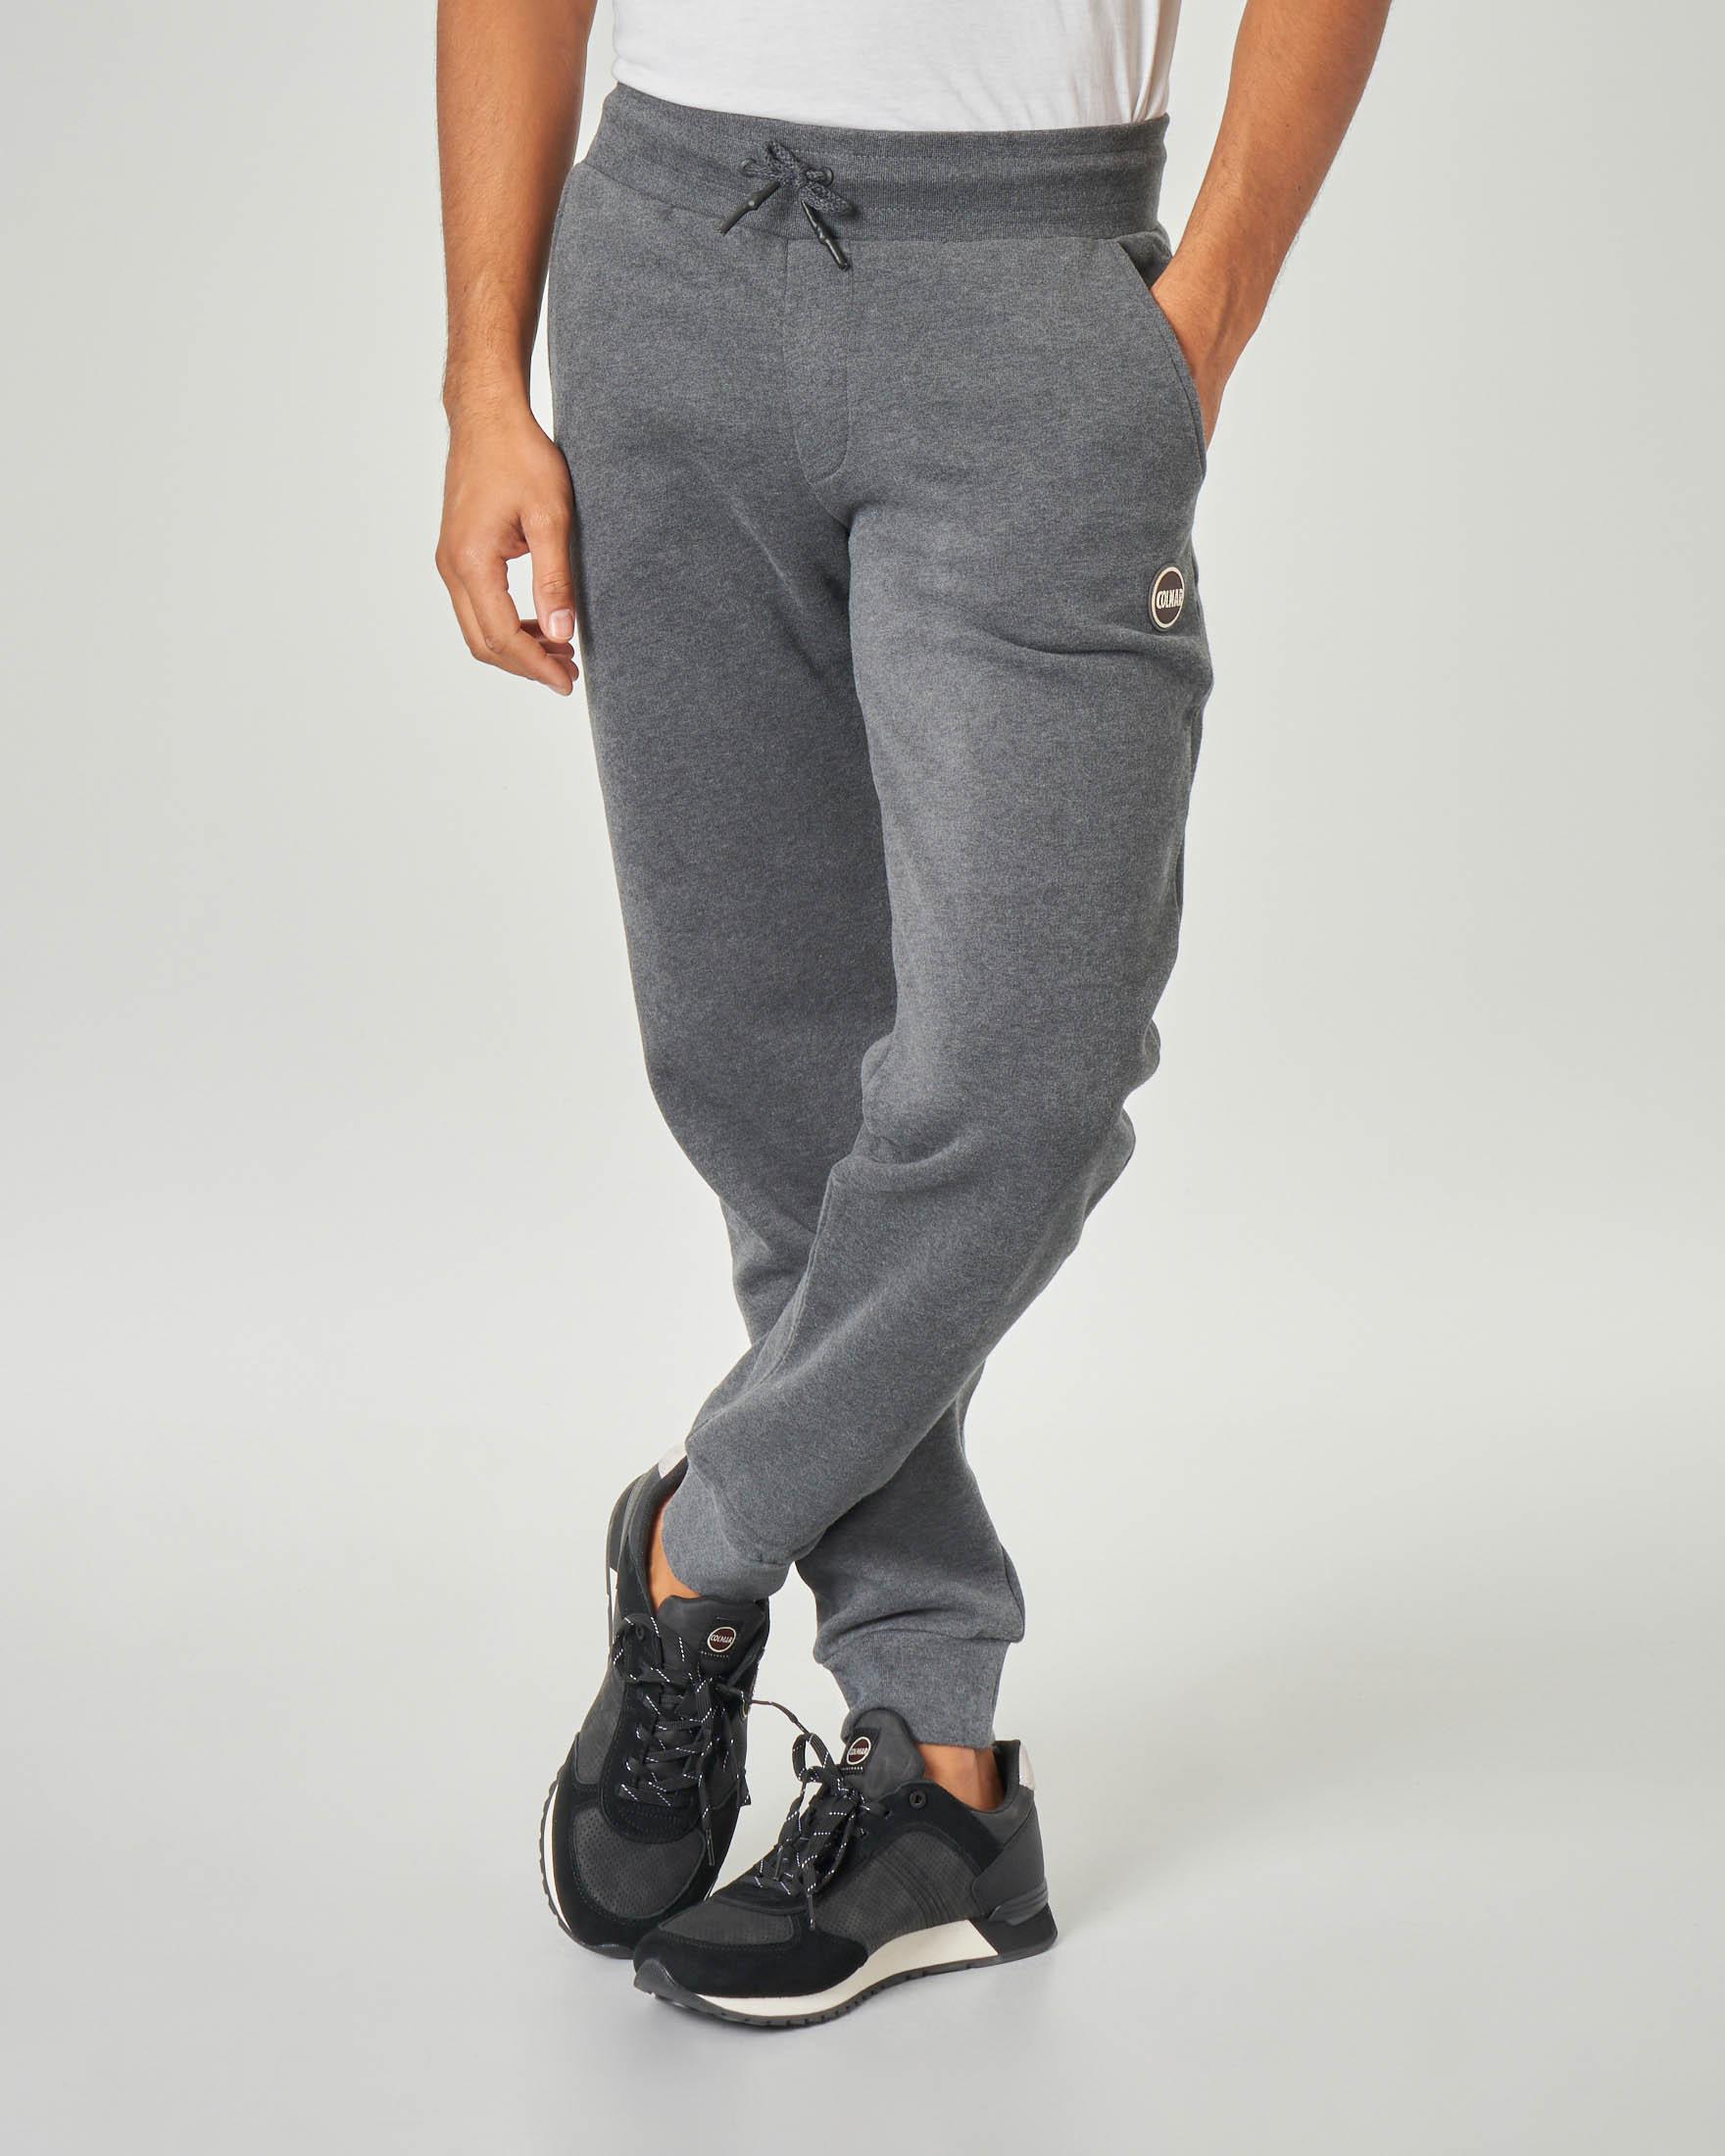 Pantalone grigio scuro in felpa garzata